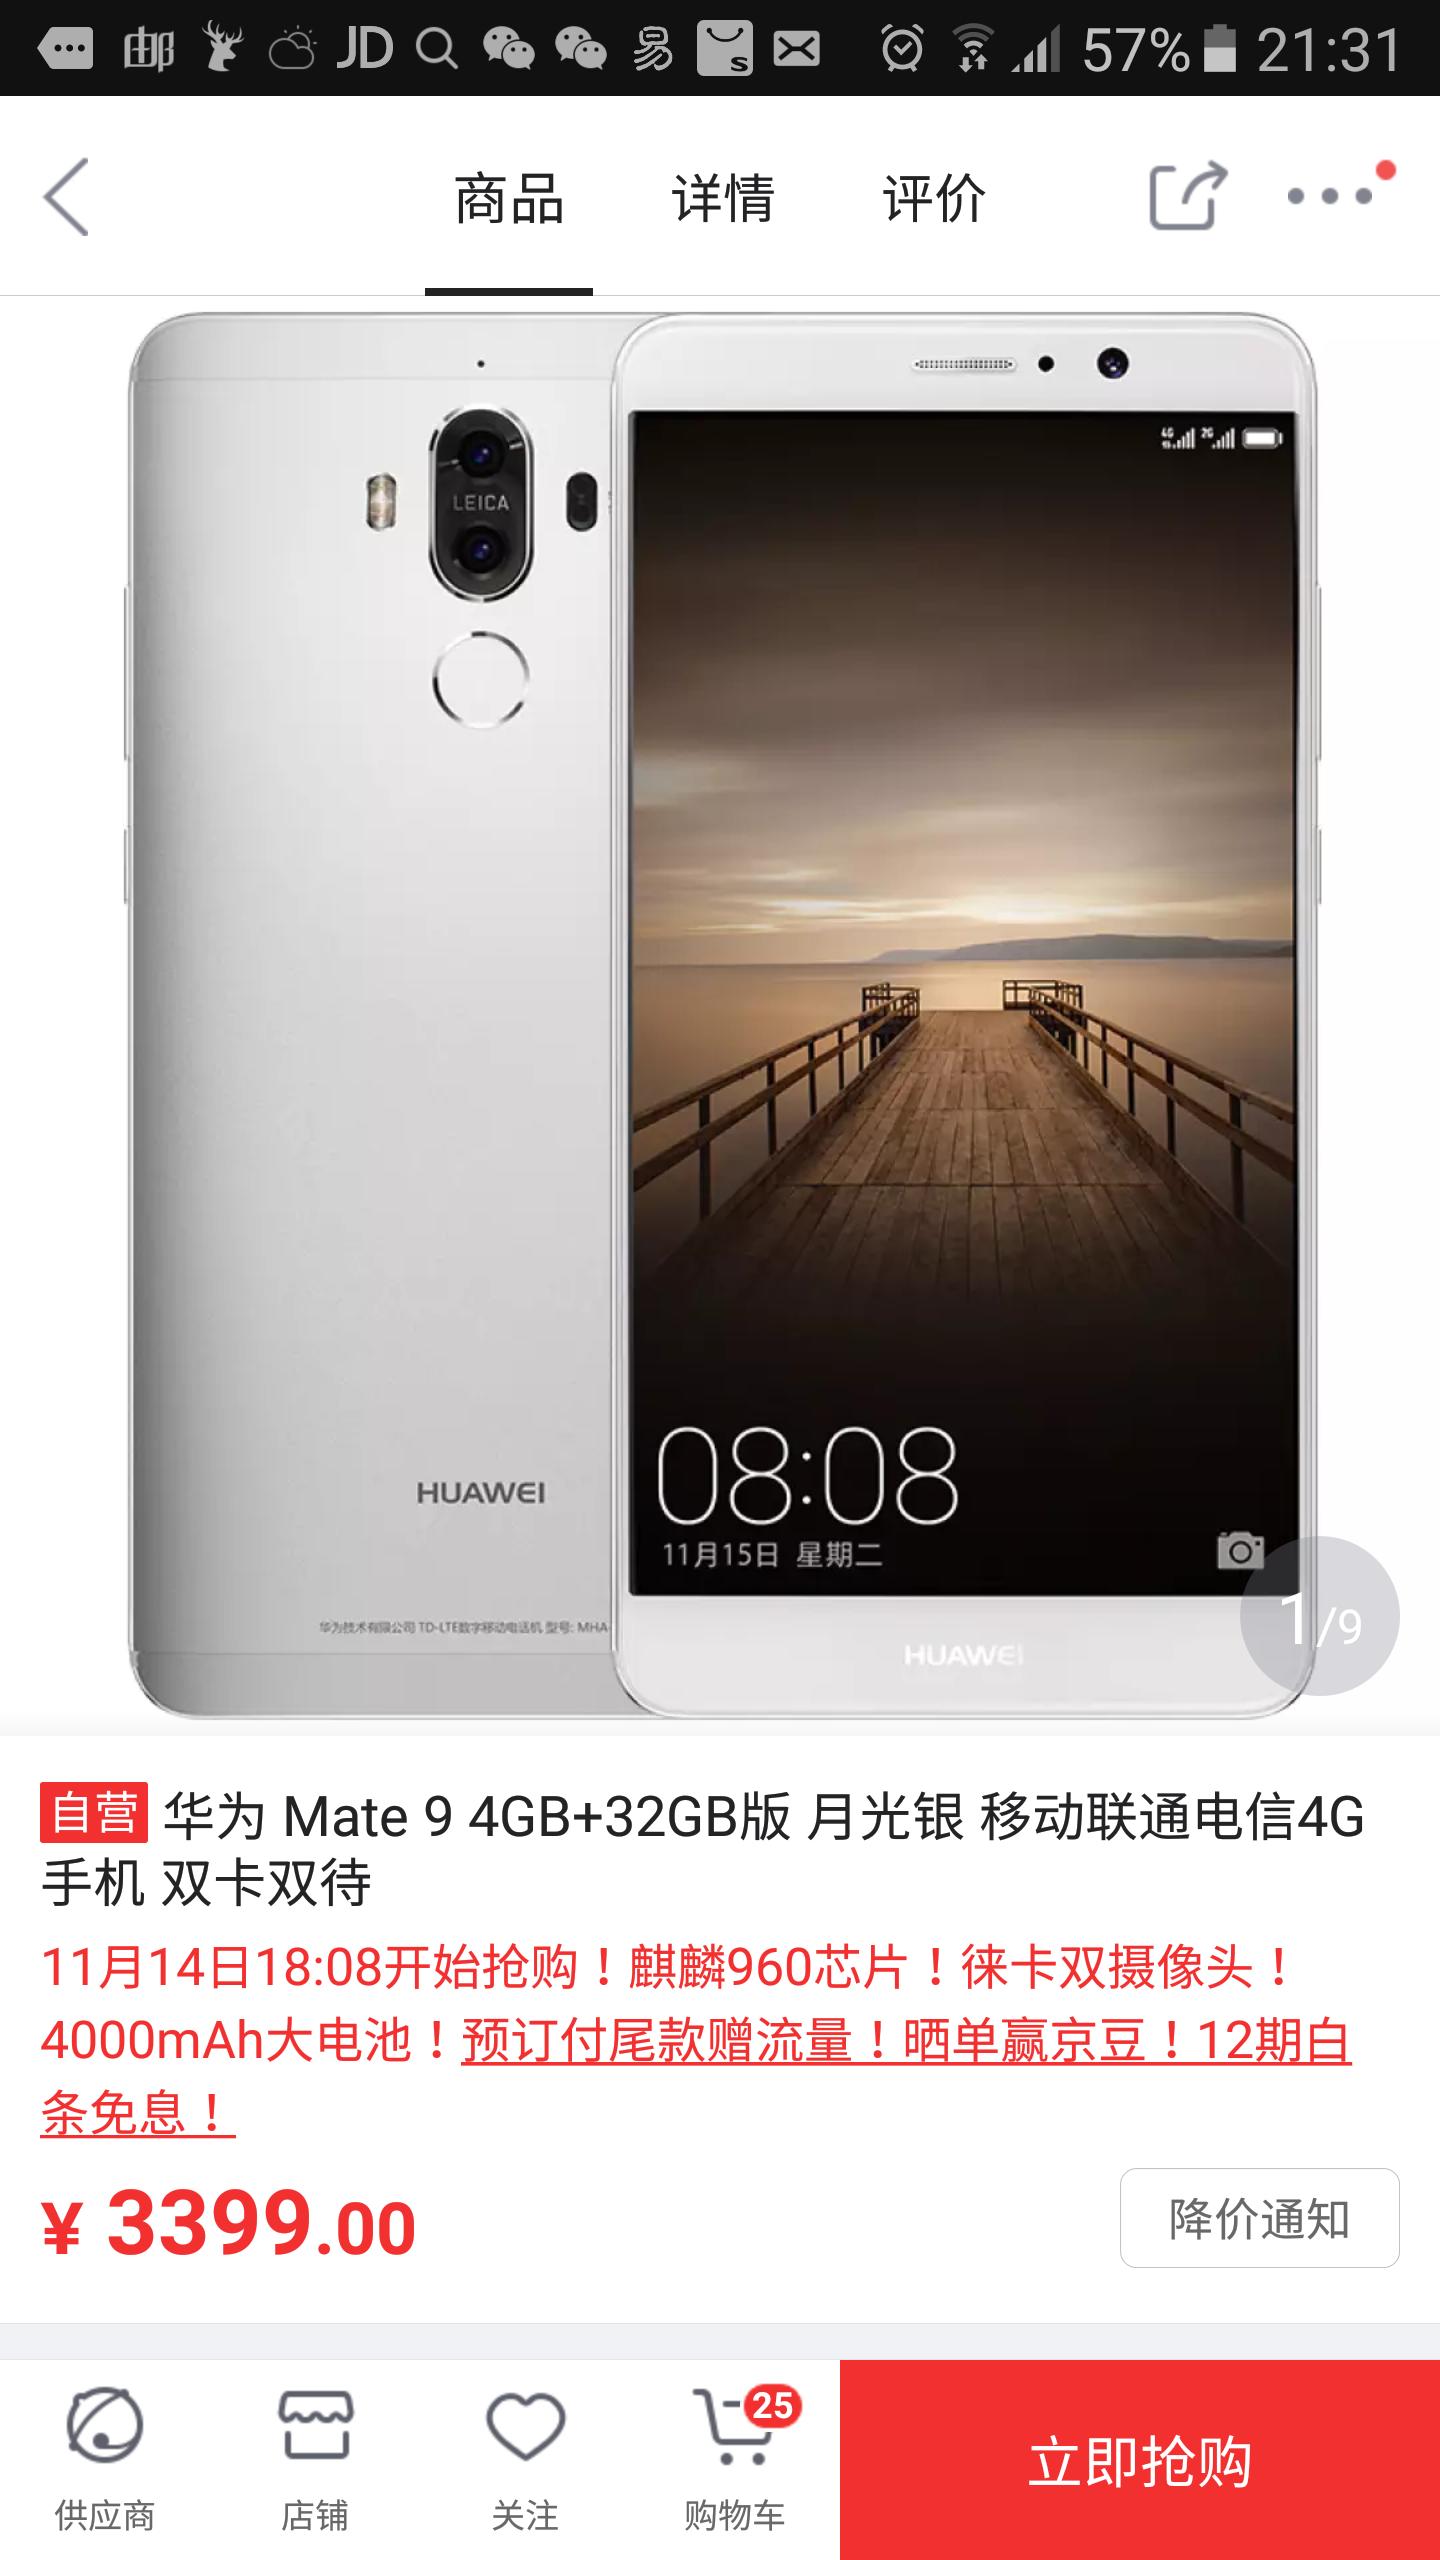 一分钟市场销售一亿元 华为公司mate9此次取得成功抢了note7可谓是